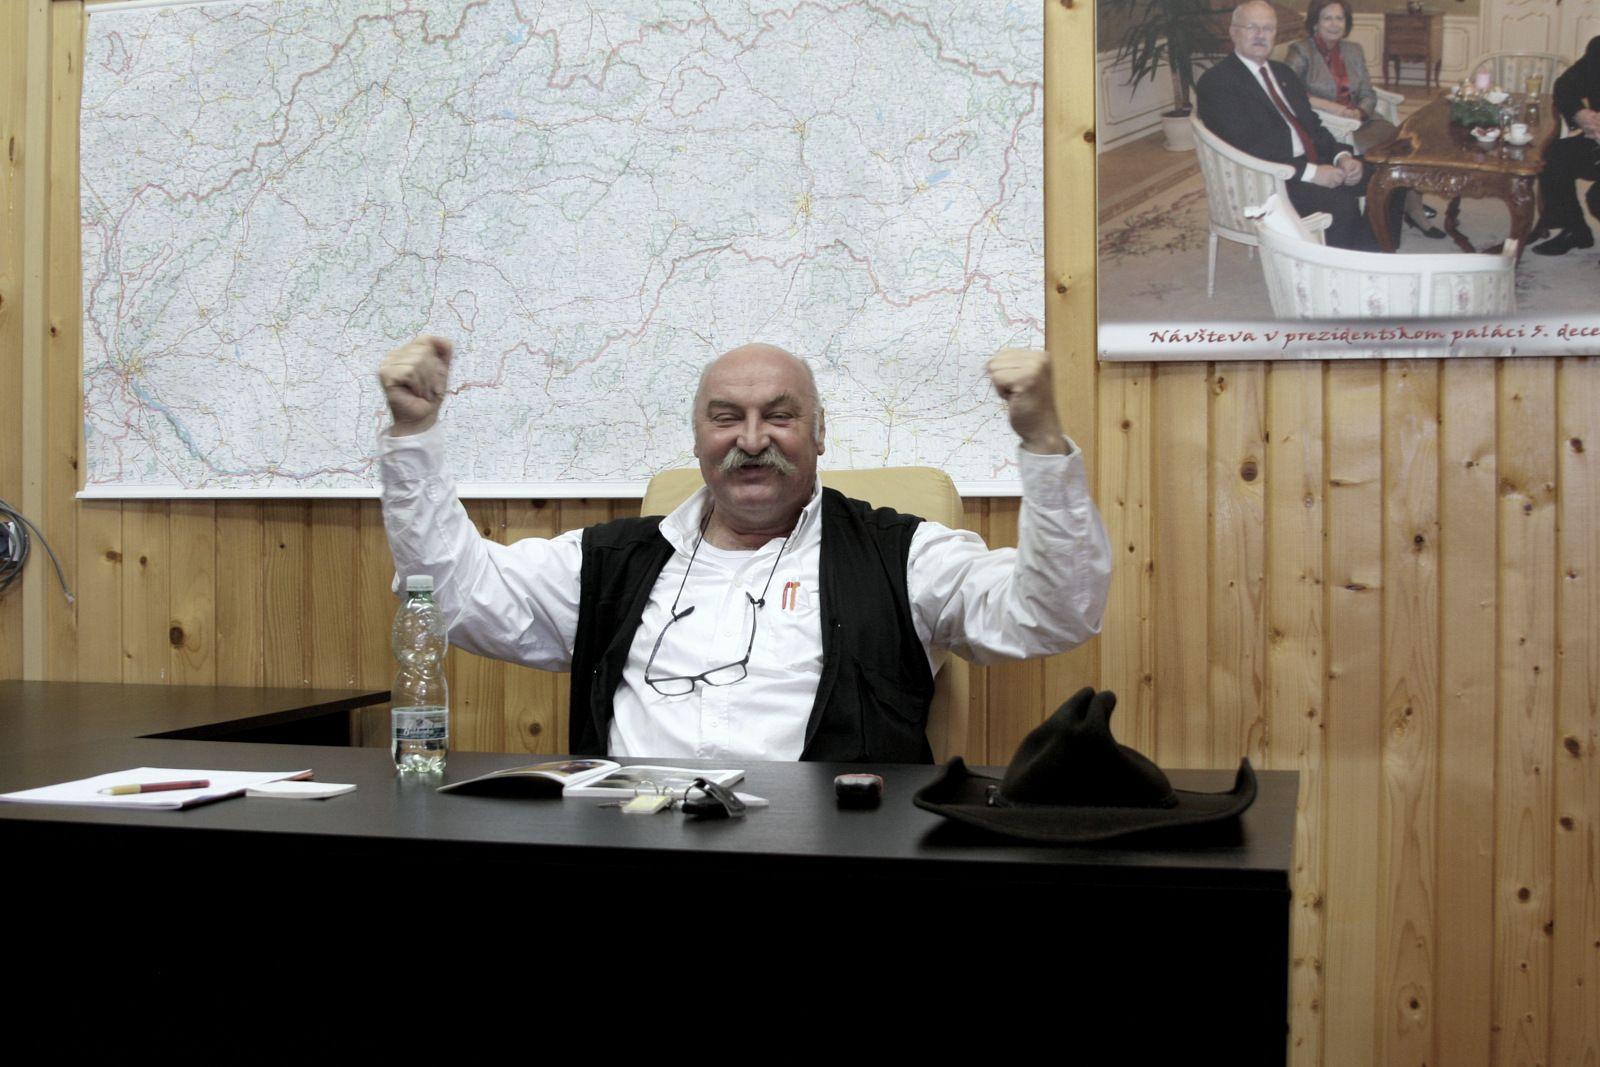 Mikuláš Vareha sa takmer nezastaví. Rozpráva, gestikuluje, presviedča, nadáva, smeje sa, telefonuje. Slovensky aj maďarsky.